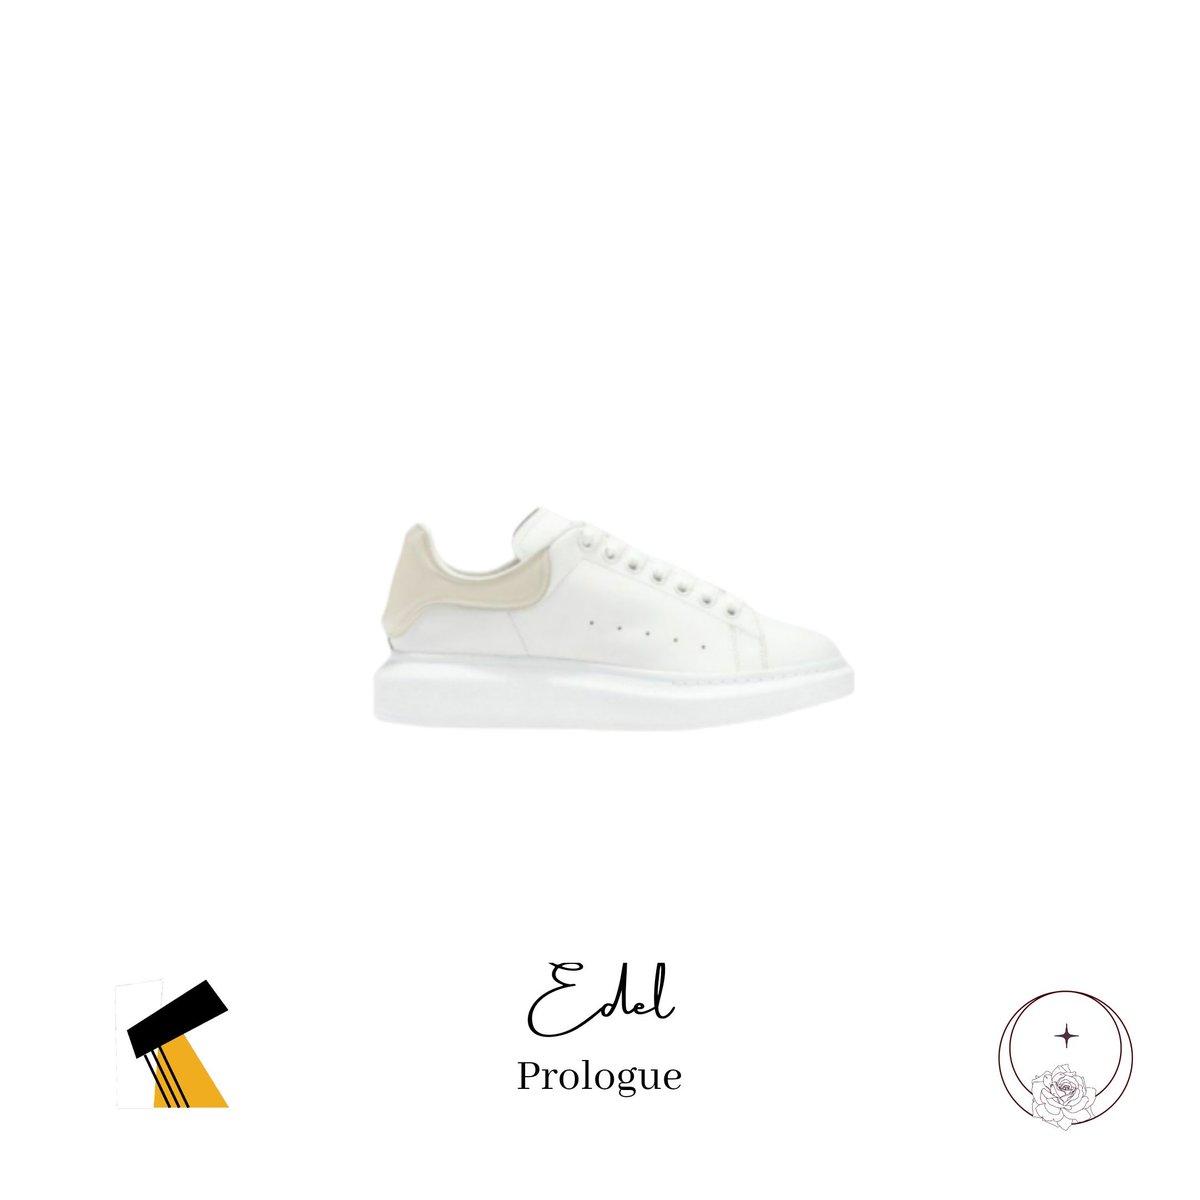 @penggalkisah @natadococo ㅤㅤㅤㅤ  - yang sudah siap untuk digunakan.  Tak lupa, Shafa membirakan Adiratna sepasang sepatu putih yang dipilihnya dan gelang bermotif bunga edelweis dari @OYESOHNO yang cocok dengan judul film kali ini.  ㅤㅤㅤㅤ https://t.co/JNYlkSO6VV